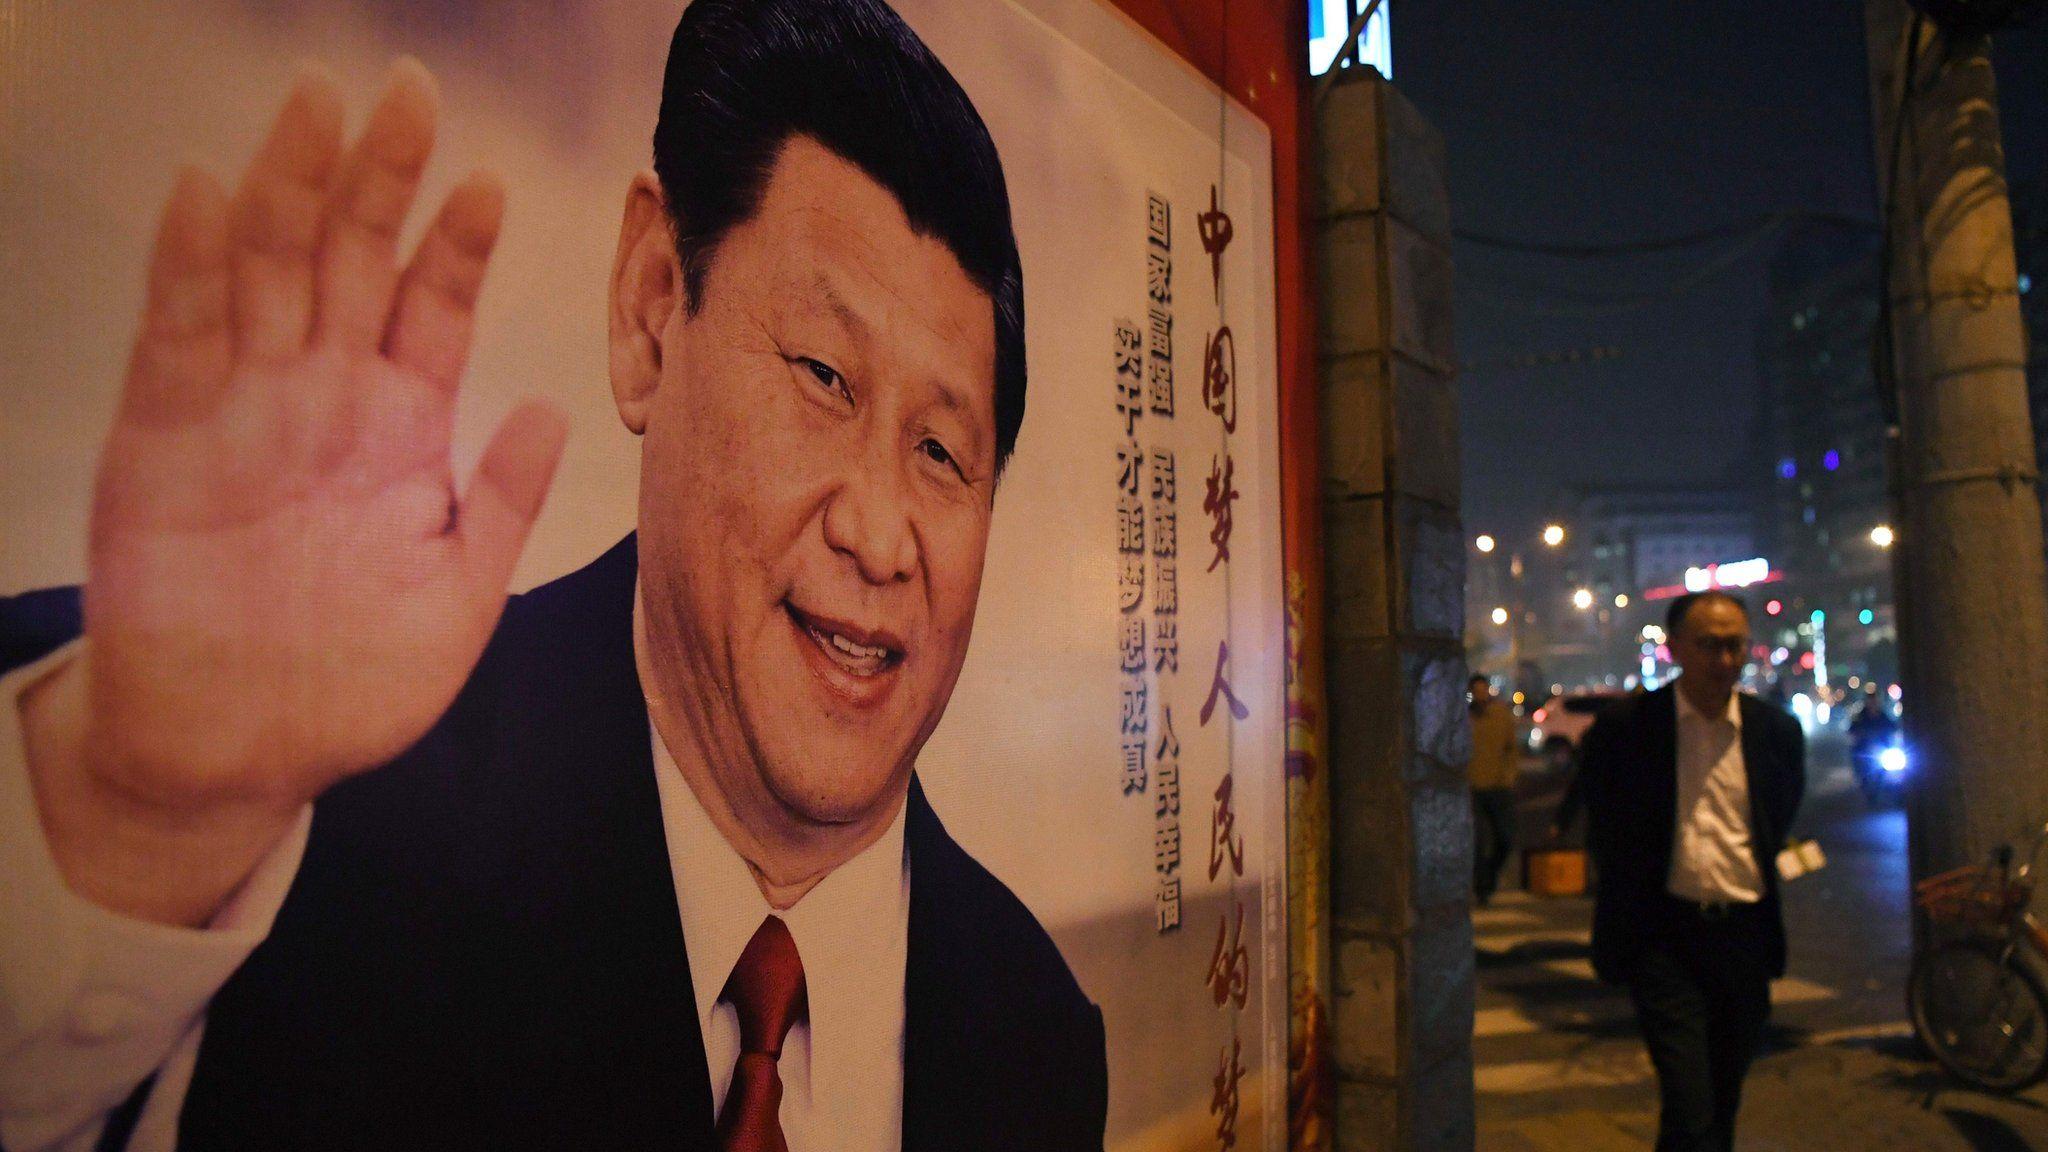 Président à vie ou non, Xi Jinping ne manquera pas de préparer sa relève. (Source : TMBW News)